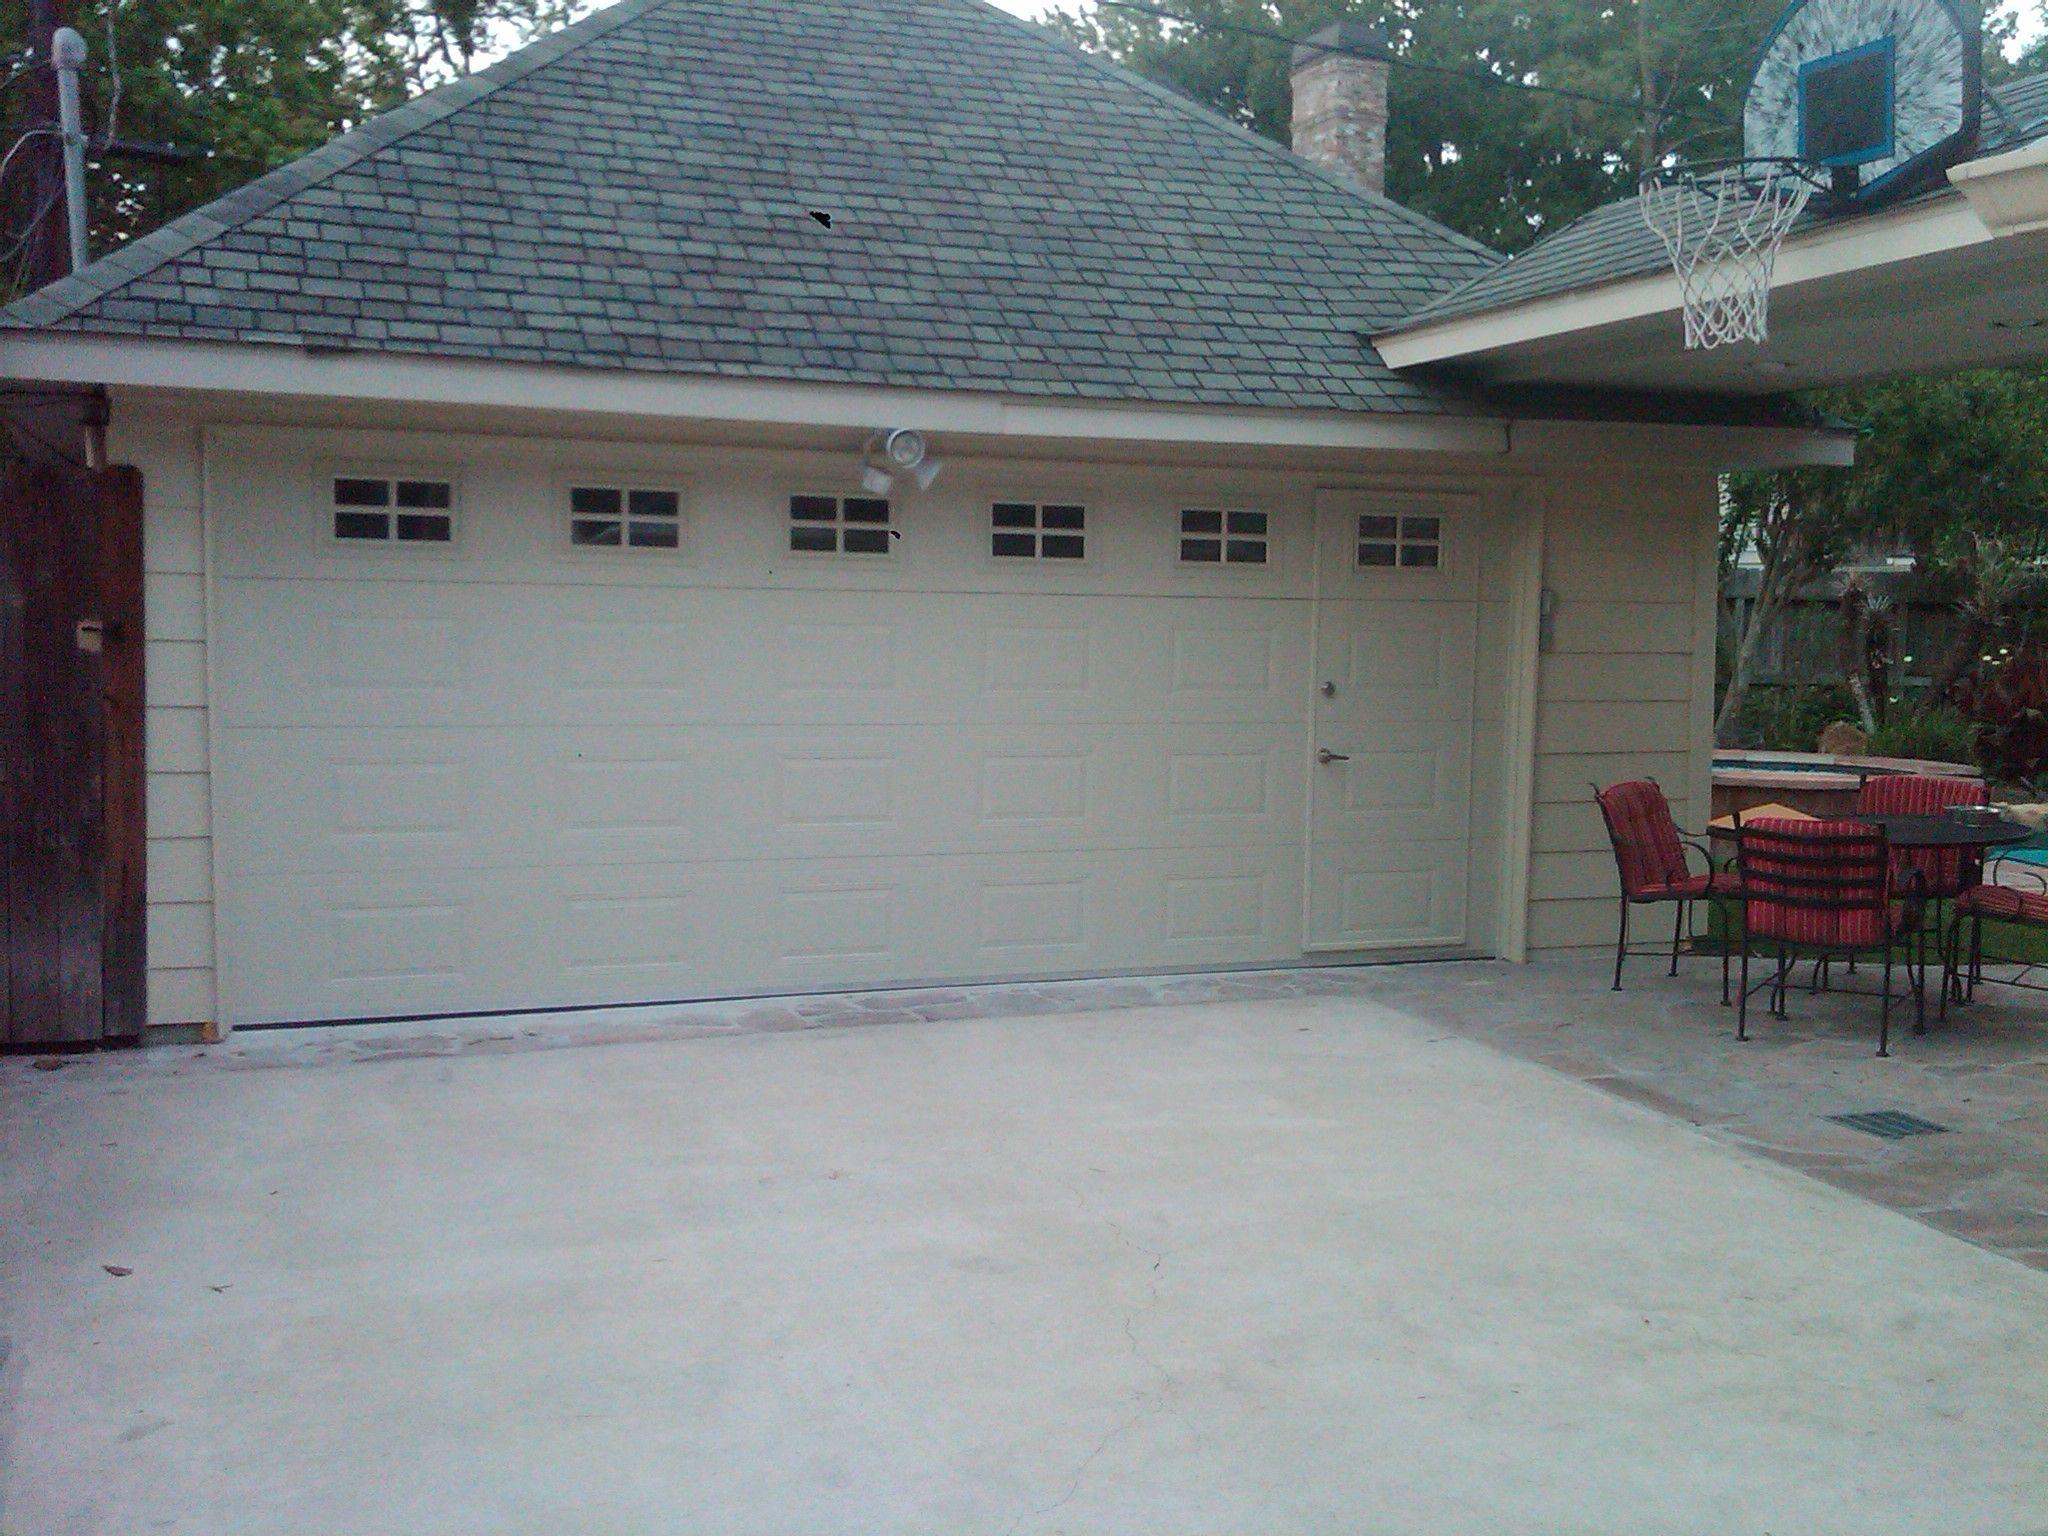 Garage doors residential walk thru garage1 doors garage garage doors residential walk thru garage1 rubansaba